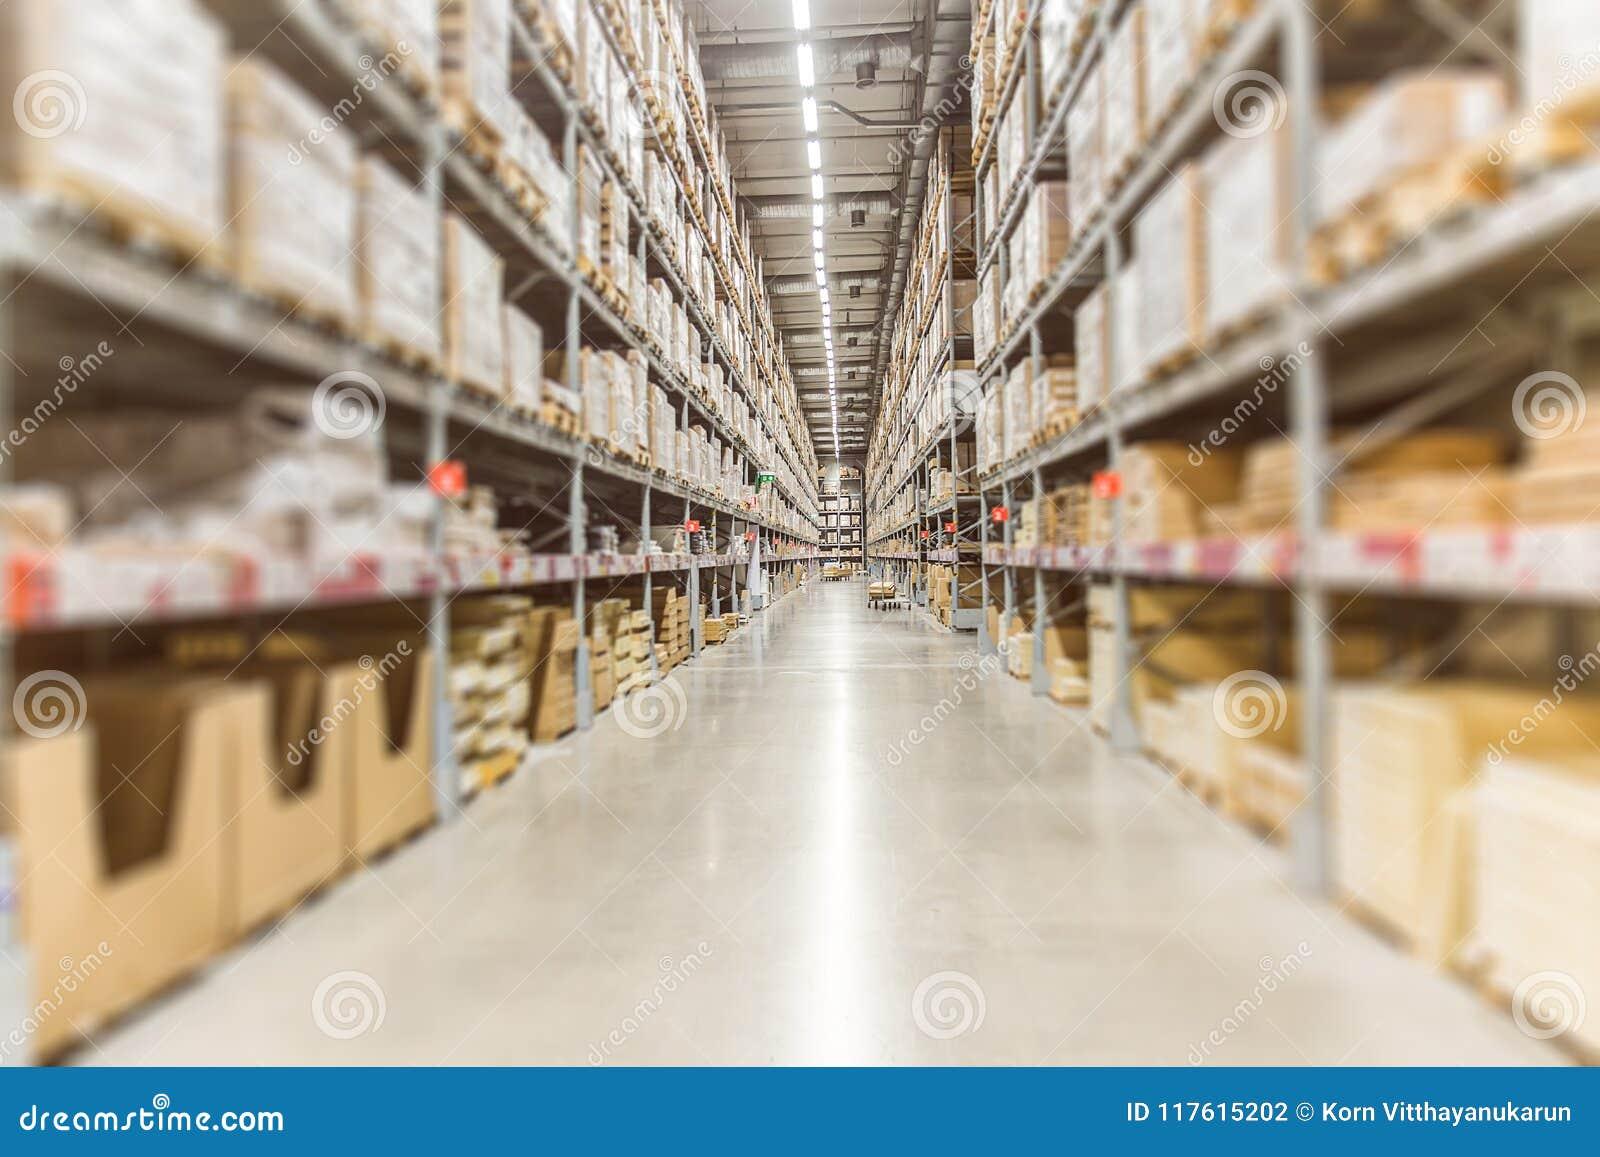 Grand inventaire Actions de marchandises d entrepôt pour l expédition logistique